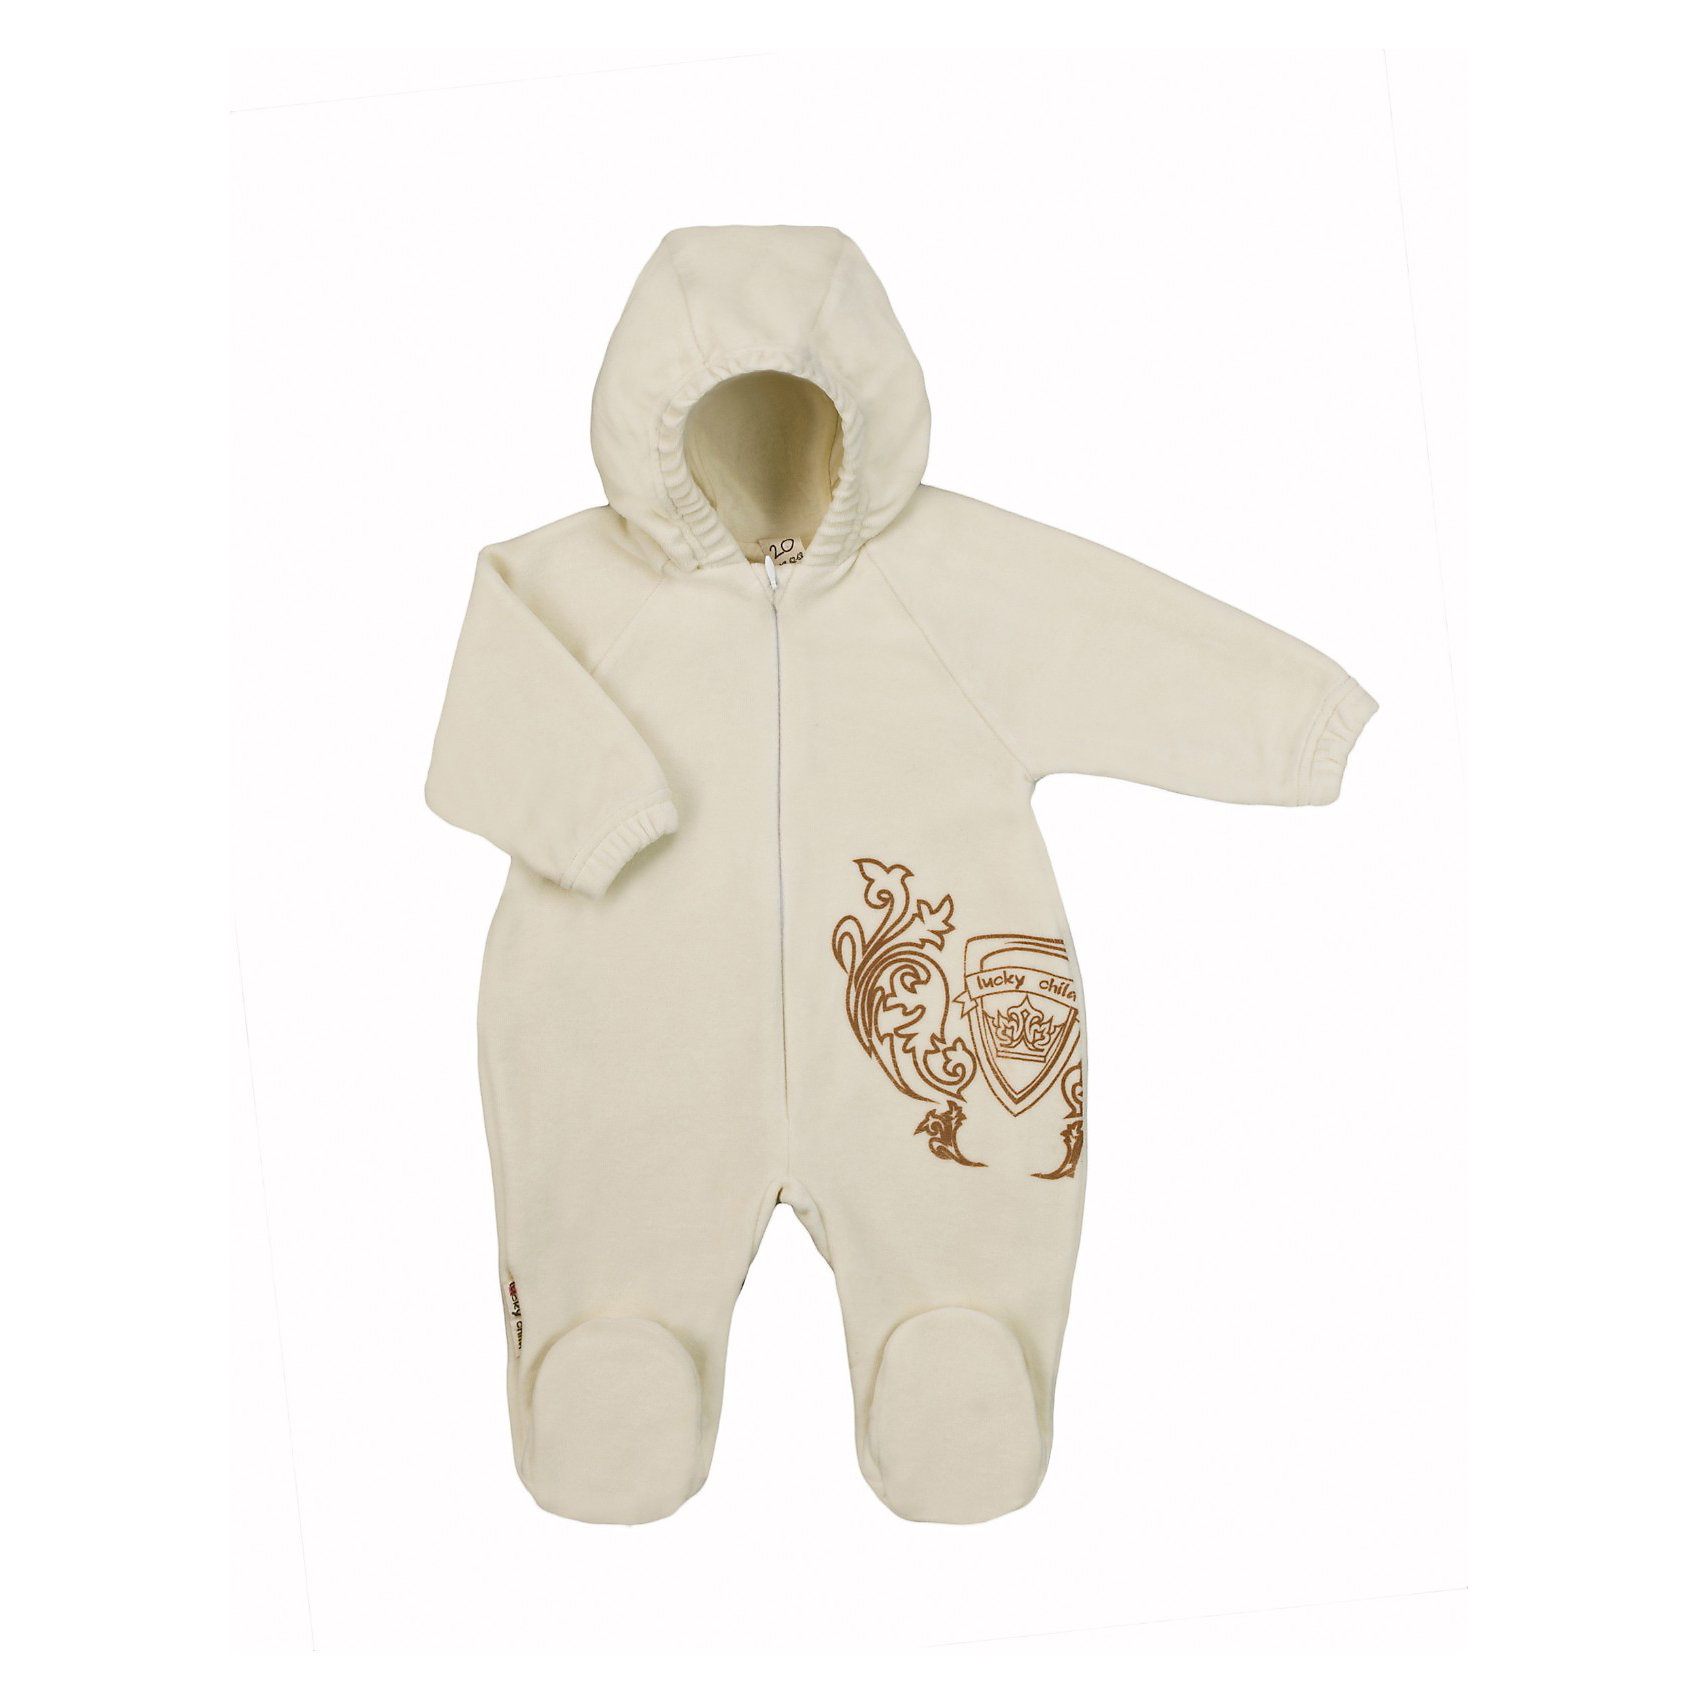 Комбинезон  Lucky ChildКомбинезоны<br>Нежный велюровый комбинезон с закрытыми пяточками для ребенка. Удобная застежка-молния впереди. Капюшон и рукава с эластичным краем для лучшего прилегания к телу и сохранения тепла. Подкладка в тон из натурального гипоаллергенного материала (100% хлопок).<br><br>Ширина мм: 157<br>Глубина мм: 13<br>Высота мм: 119<br>Вес г: 200<br>Цвет: экрю<br>Возраст от месяцев: 9<br>Возраст до месяцев: 12<br>Пол: Унисекс<br>Возраст: Детский<br>Размер: 74/80,56/62,80/86,68/74,62/68<br>SKU: 3340805